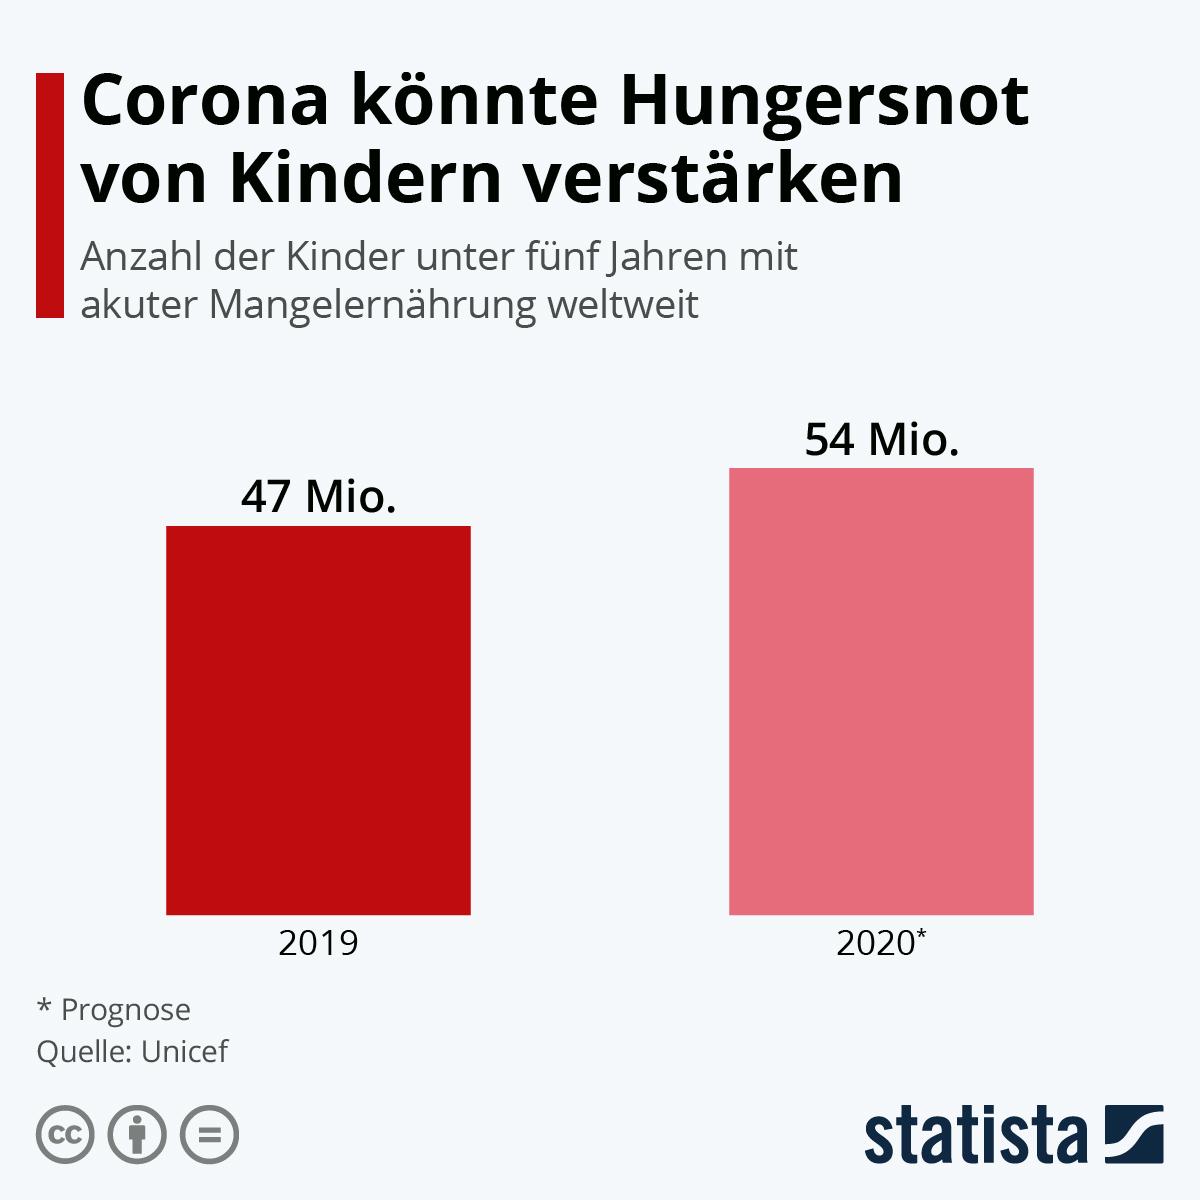 Infografik: Corona könnte Hungersnot von Kindern verstärken | Statista